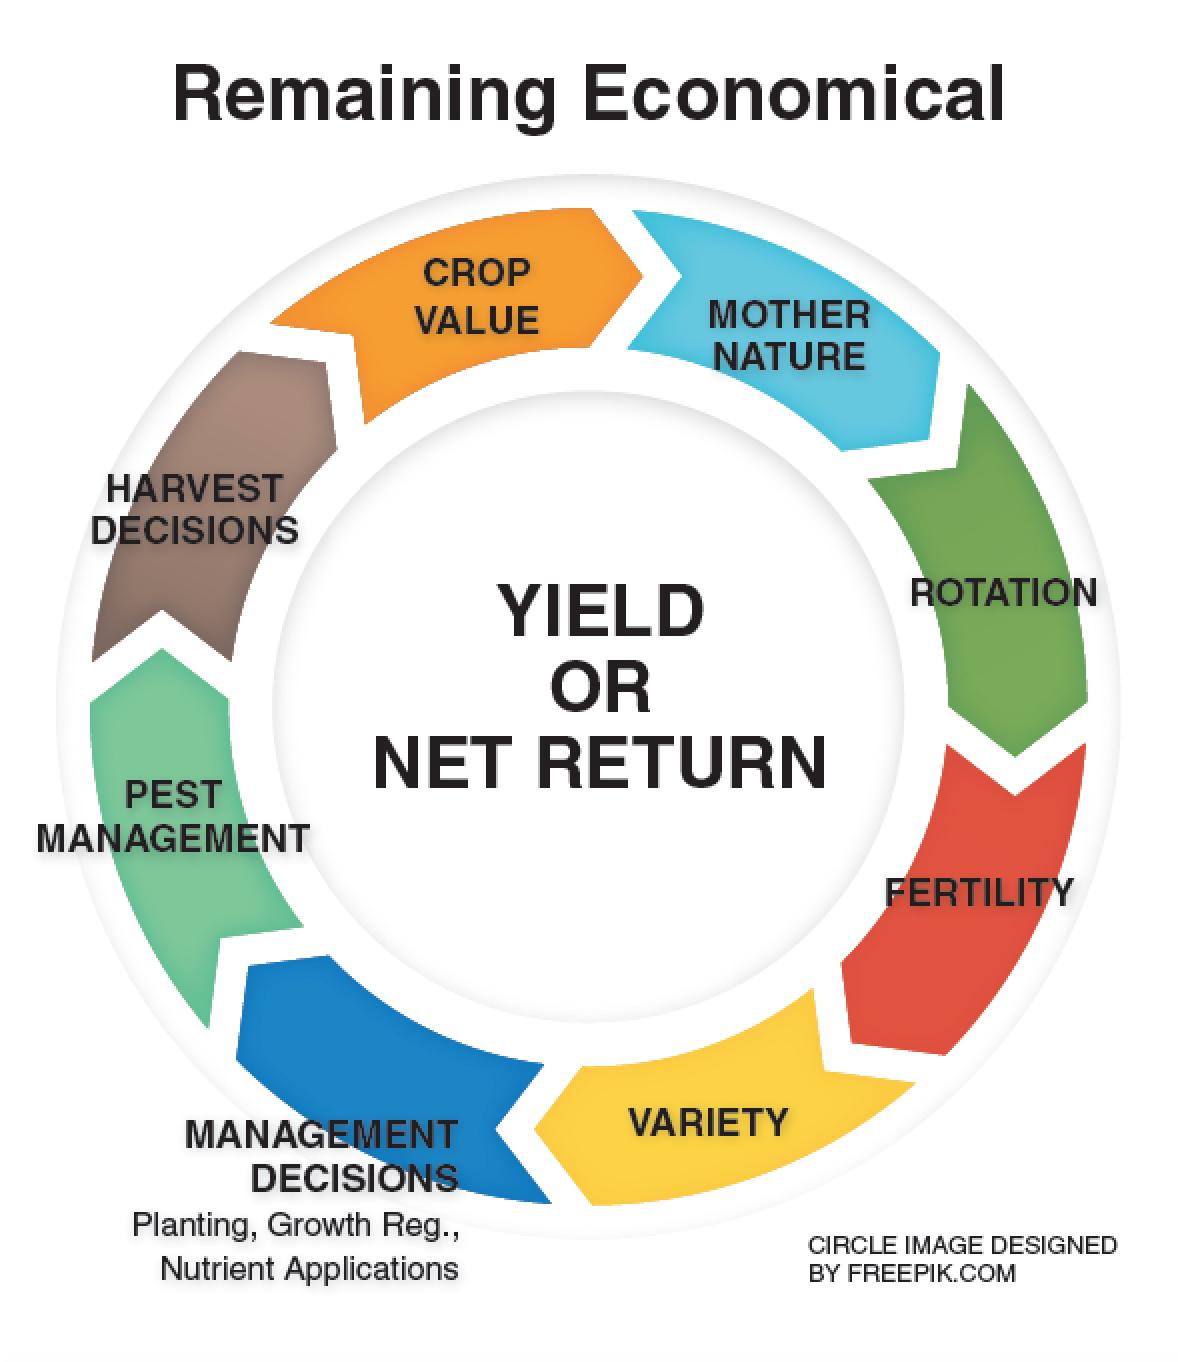 RemainingEconomical